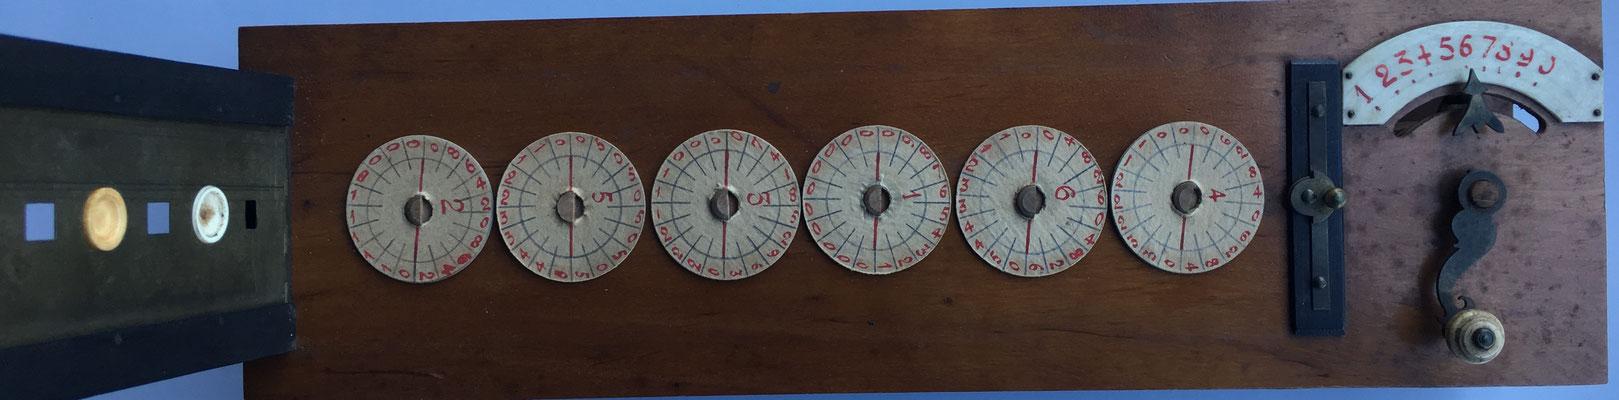 Abaco multiplicativo de Napier con círculos, vista interna